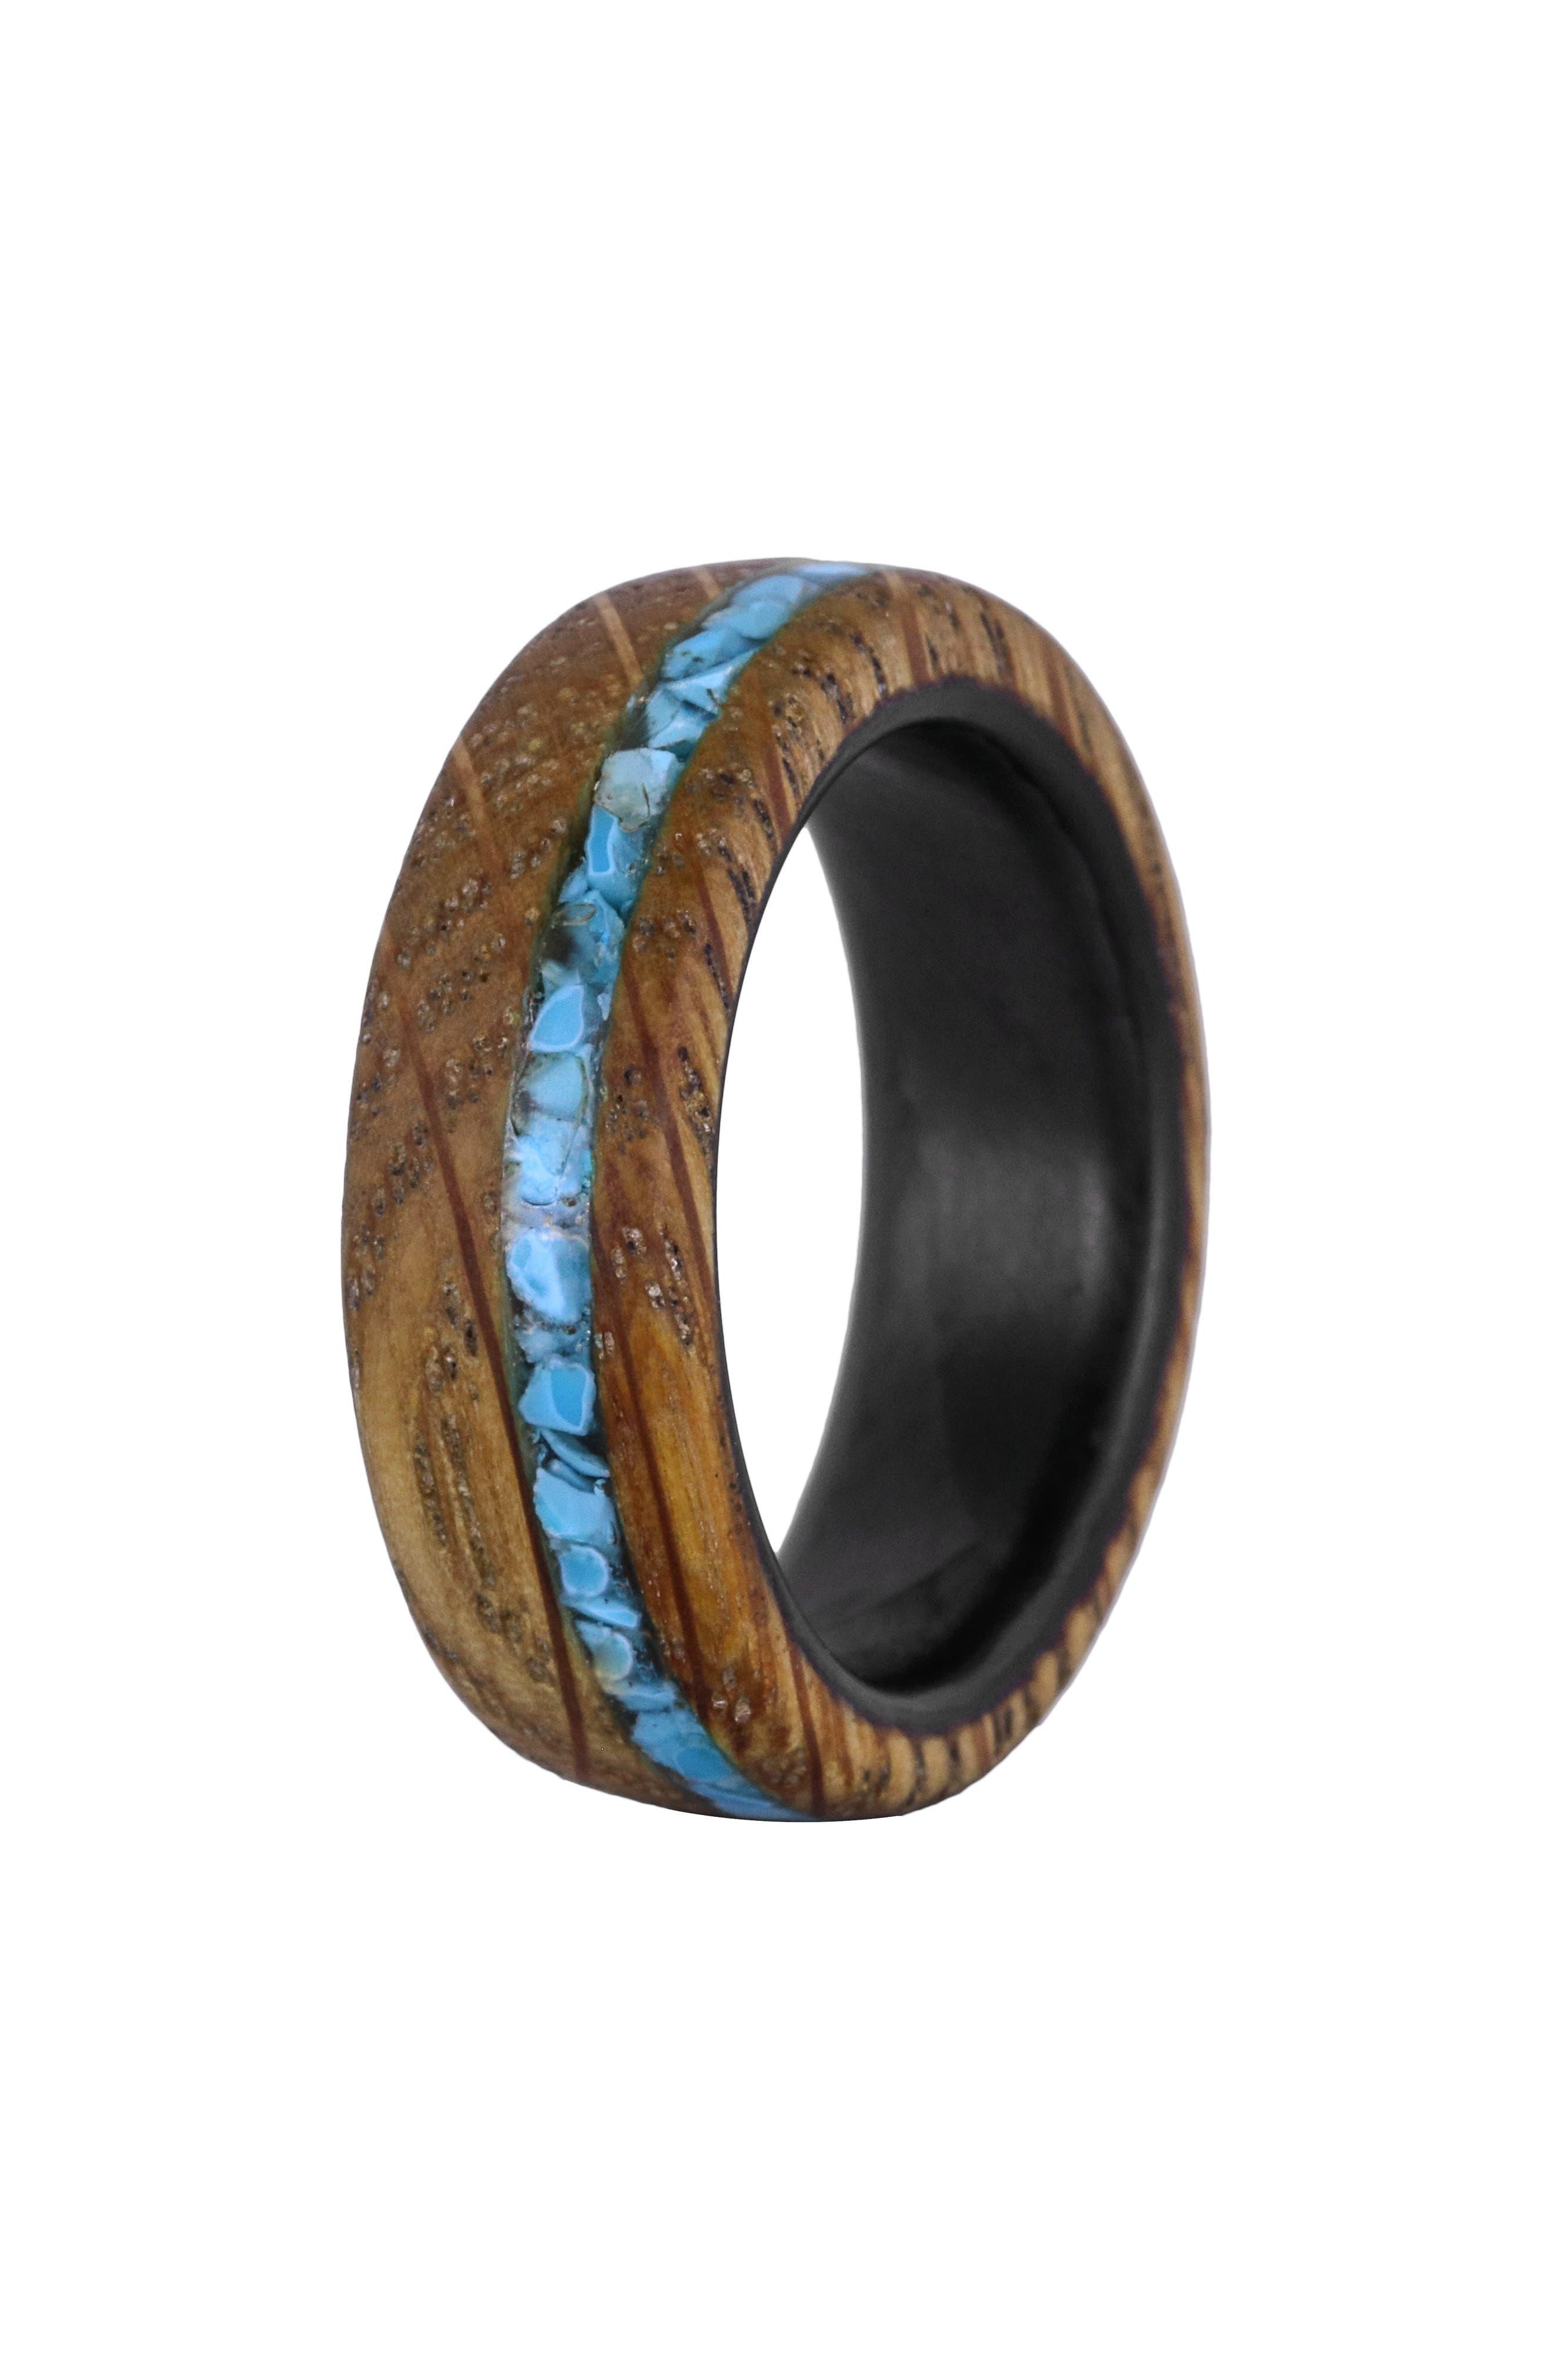 Whiskey Barrel Wood & Turquoise Ring